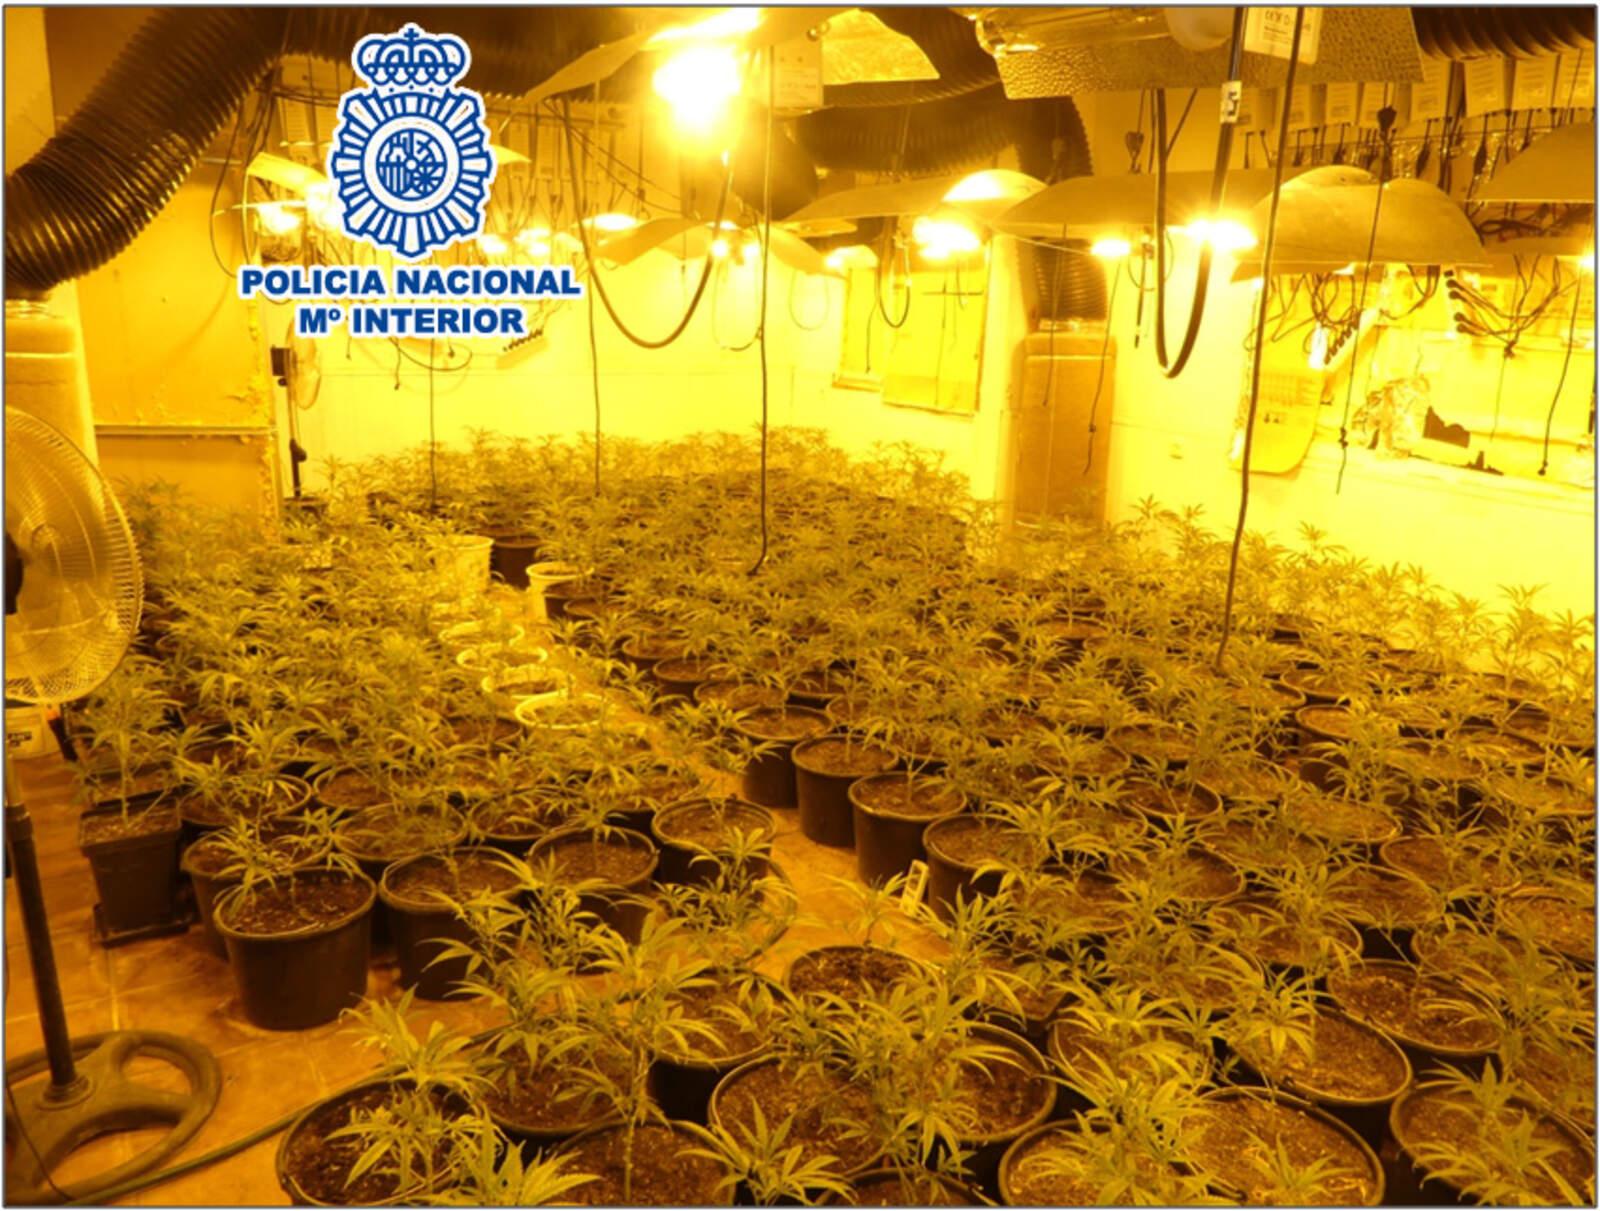 Plantació de marihuana descoberta